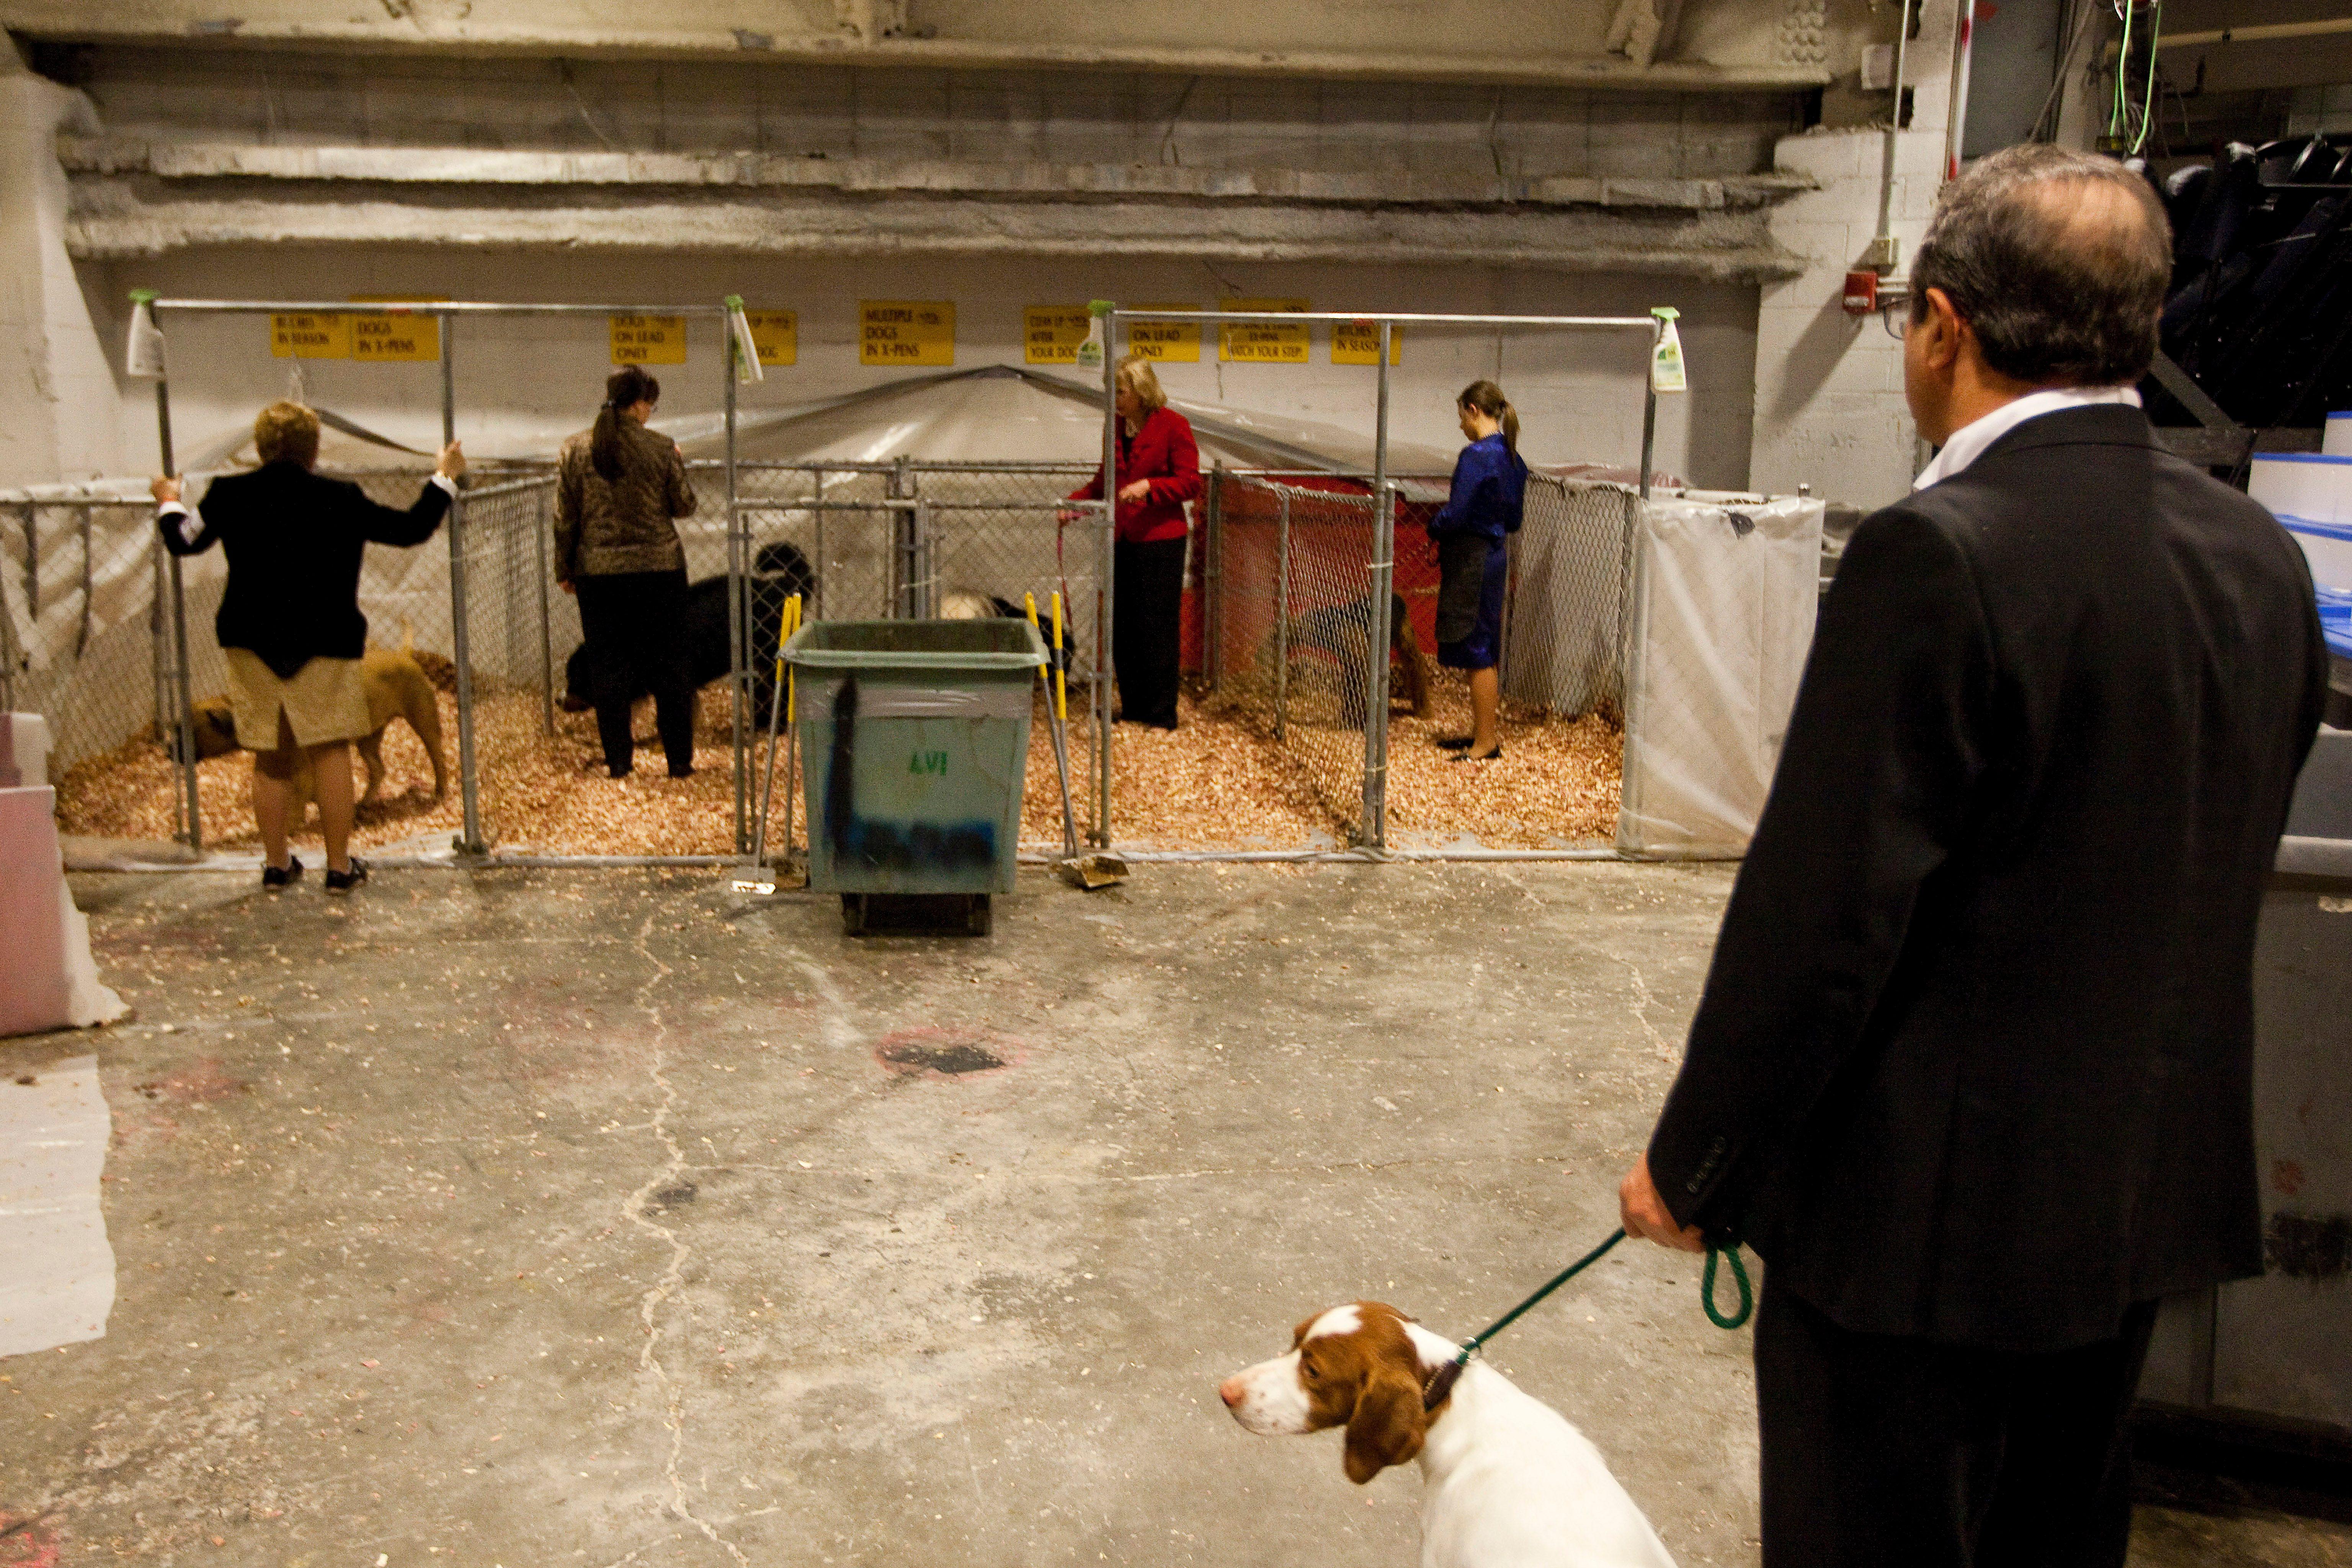 westminster dog show dog bathroom